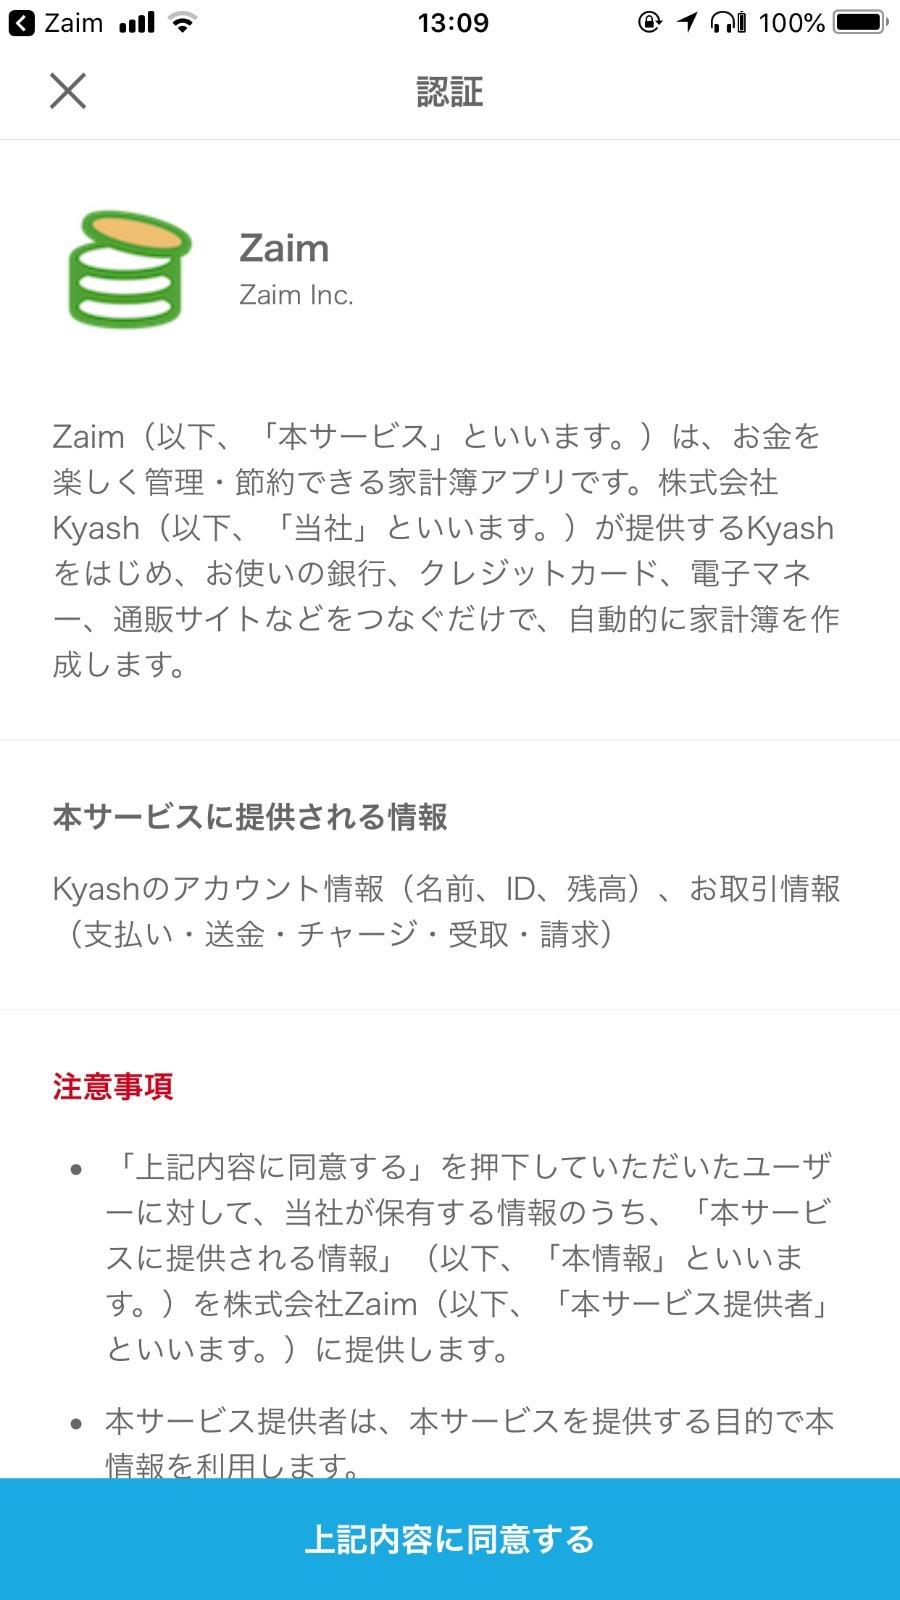 Kyash Zaim 連携 08